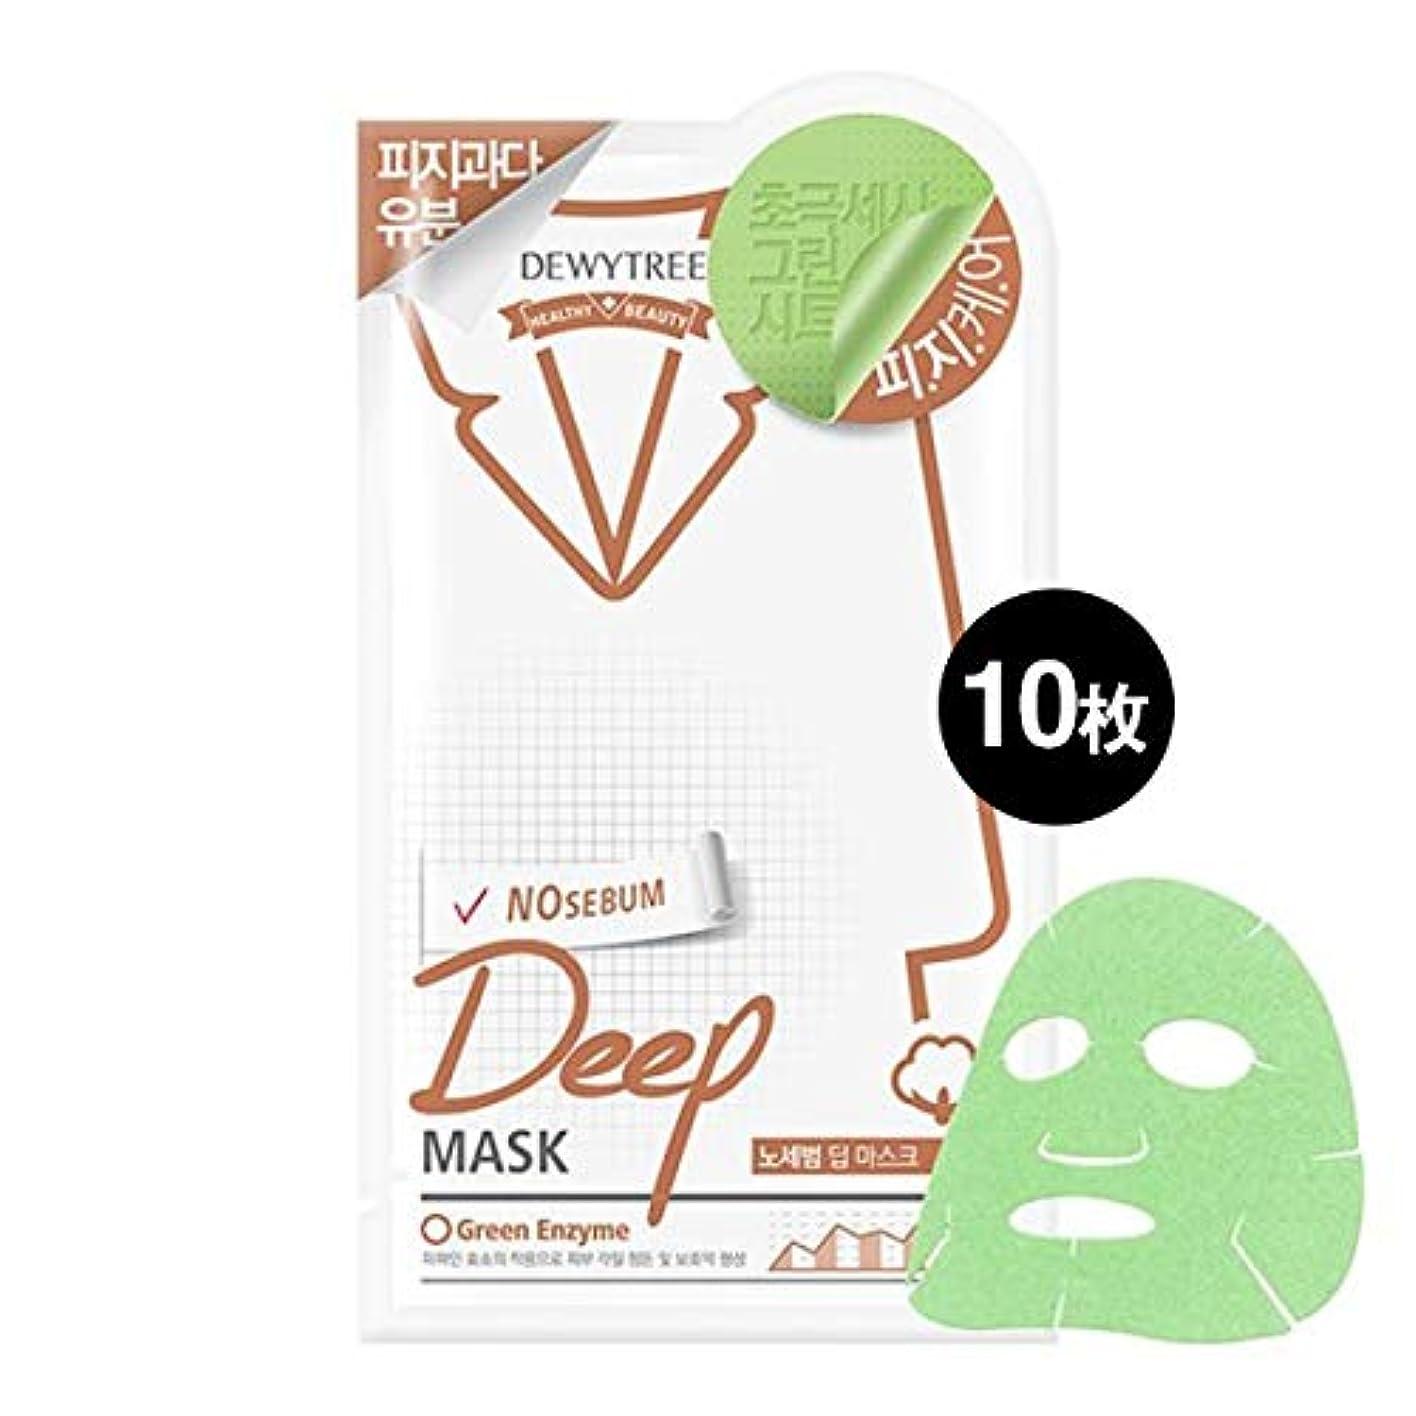 クリープ心のこもった先史時代の(デューイトゥリー) DEWYTREE ノセボムディープマスク 10枚 Nosebum Deep Mask 韓国マスクパック (並行輸入品)